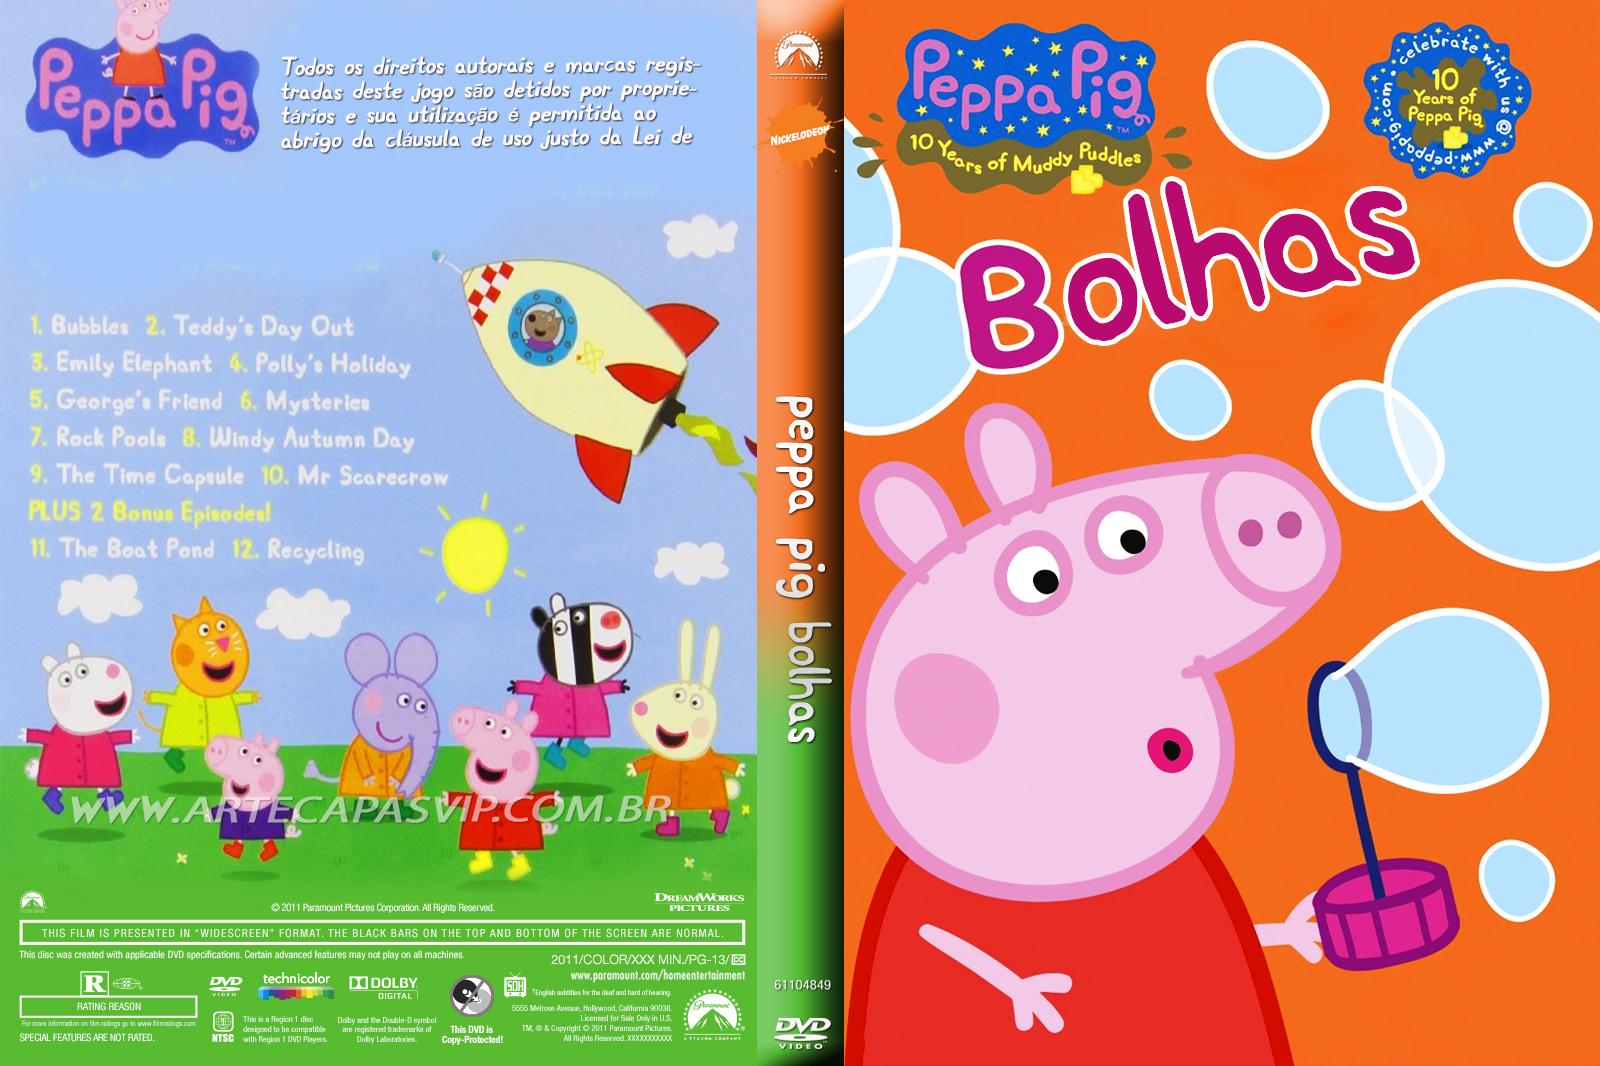 Peppa Pig Bolhas DVD-R Peppa 2BPig 2BBolhas 2B  2BXANDAO 2BDOWNLOAD